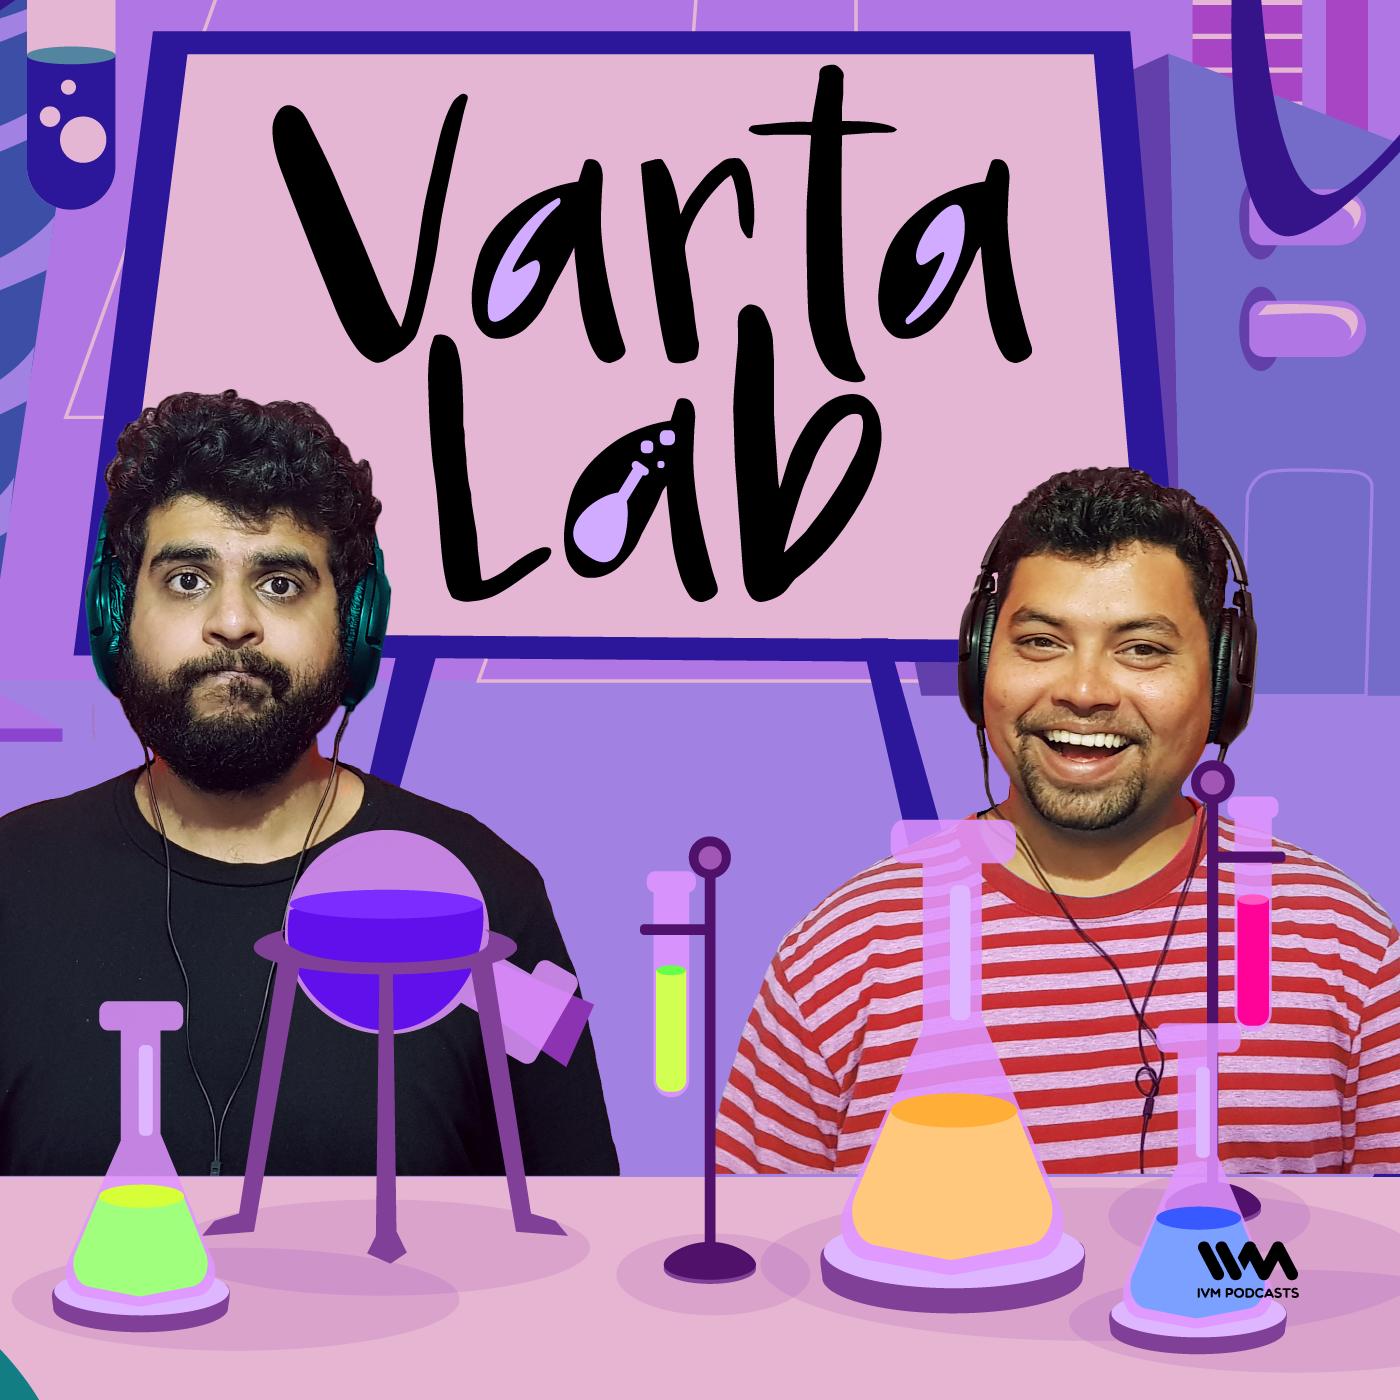 Varta Lab show art